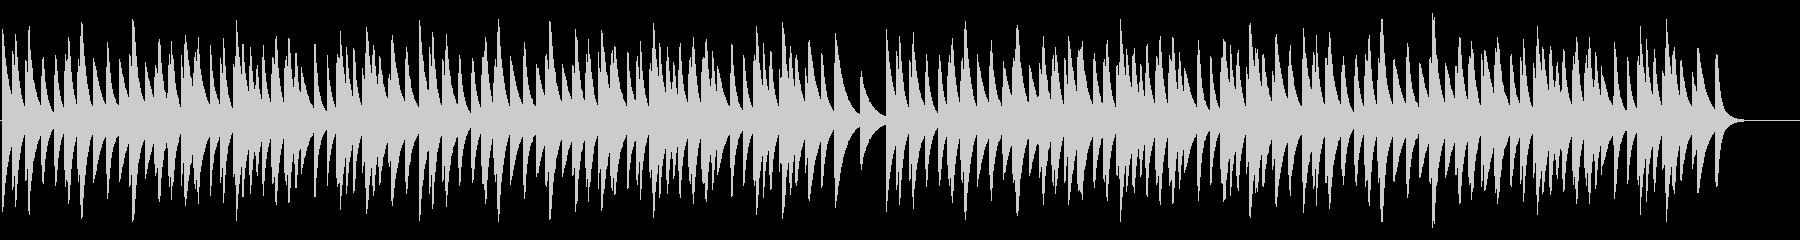 雪 18弁オルゴールの未再生の波形